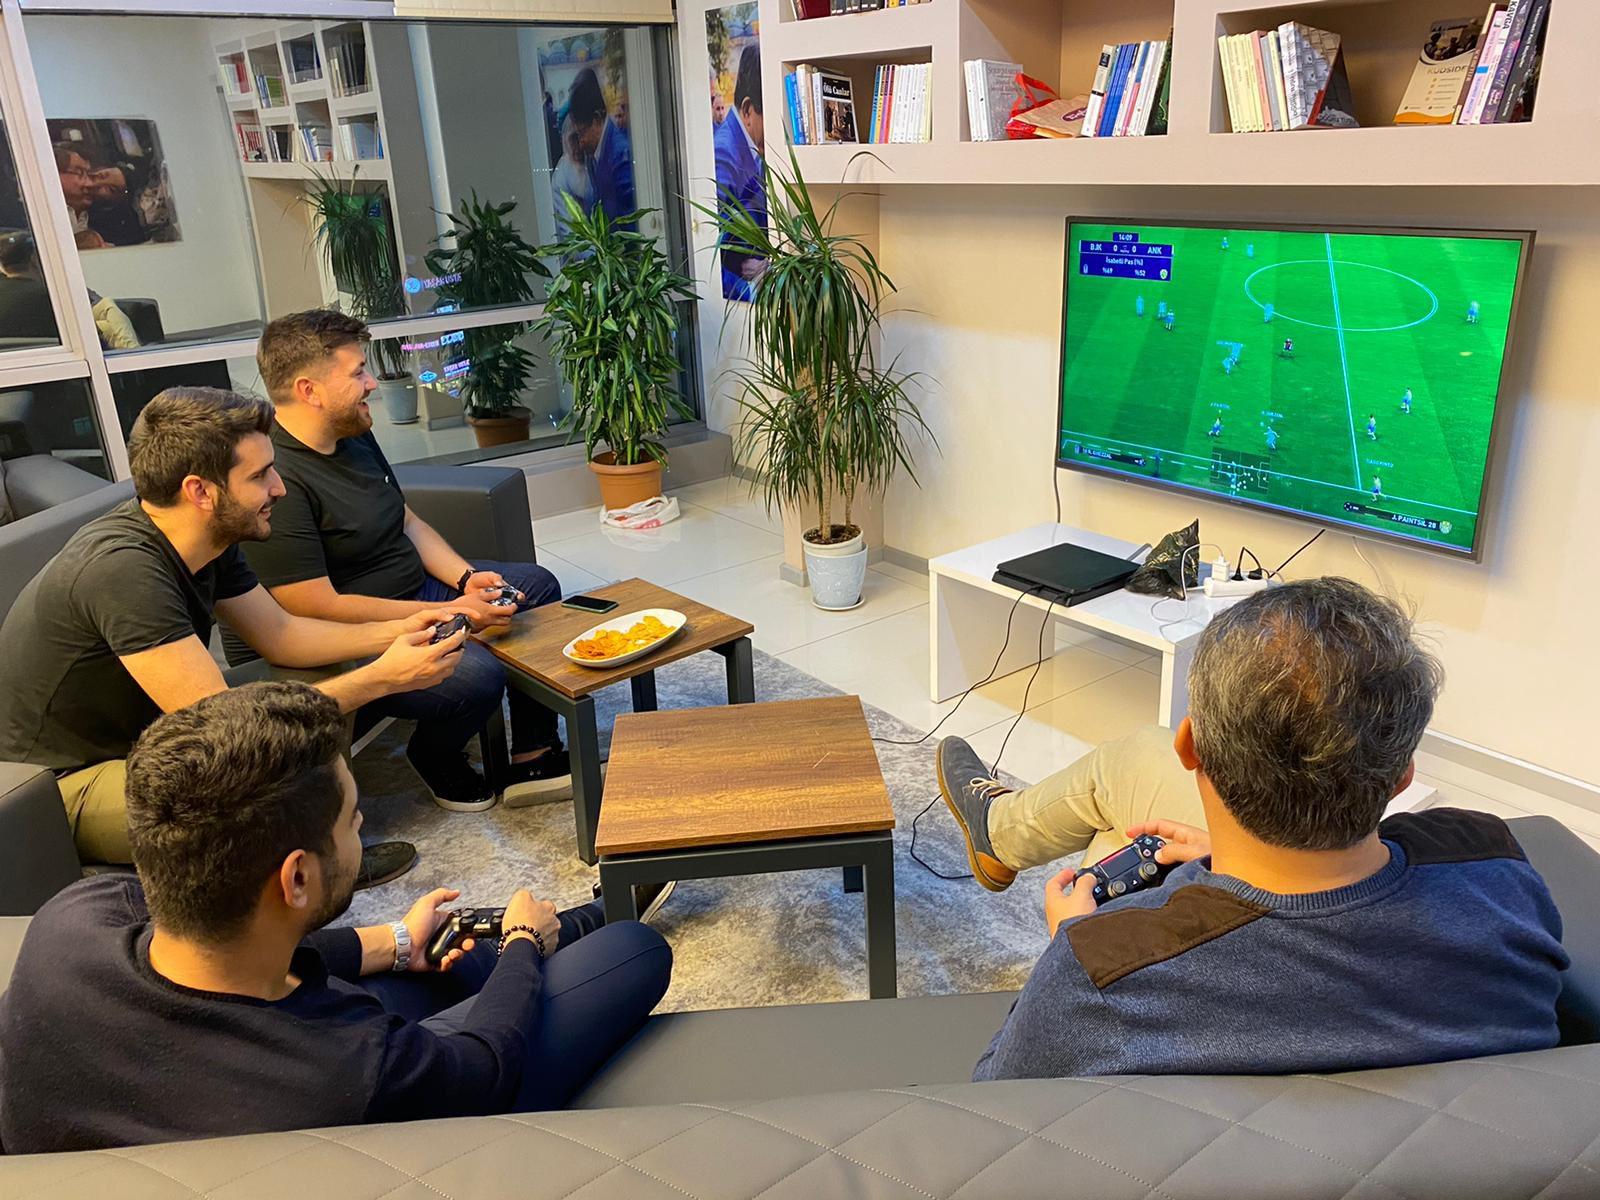 Ankara İl Gençlik Kolları Başkanlığı'nı il merkezimizde misafir ederek PlayStation turnuvası gerçekleştirdik.